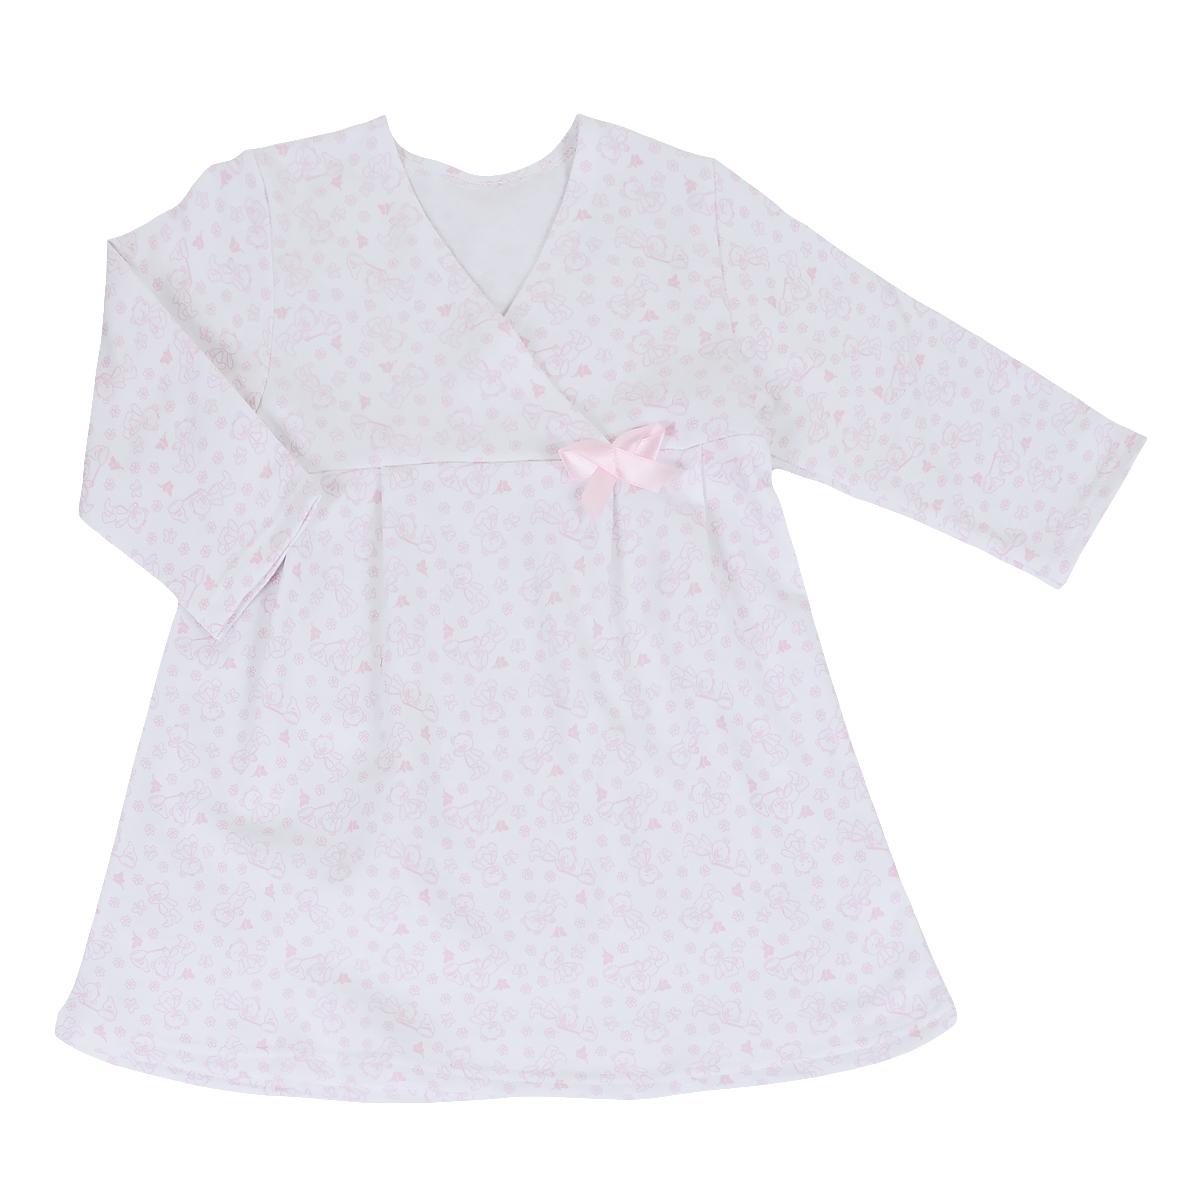 Сорочка ночная для девочки Трон-плюс, цвет: белый, розовый, рисунок мишки. 5522. Размер 122/128, 7-10 лет5522Яркая сорочка Трон-плюс идеально подойдет вашей малышке и станет отличным дополнением к детскому гардеробу. Теплая сорочка, изготовленная из футера - натурального хлопка, необычайно мягкая и легкая, не сковывает движения ребенка, позволяет коже дышать и не раздражает даже самую нежную и чувствительную кожу малыша. Сорочка трапециевидного кроя с длинными рукавами, V-образным вырезом горловины. Полочка состоит из двух частей, заходящих друг на друга. По переднему и заднему полотнищам юбки заложены небольшие складки. Сорочка оформлена атласным бантиком.В такой сорочке ваш ребенок будет чувствовать себя комфортно и уютно во время сна.